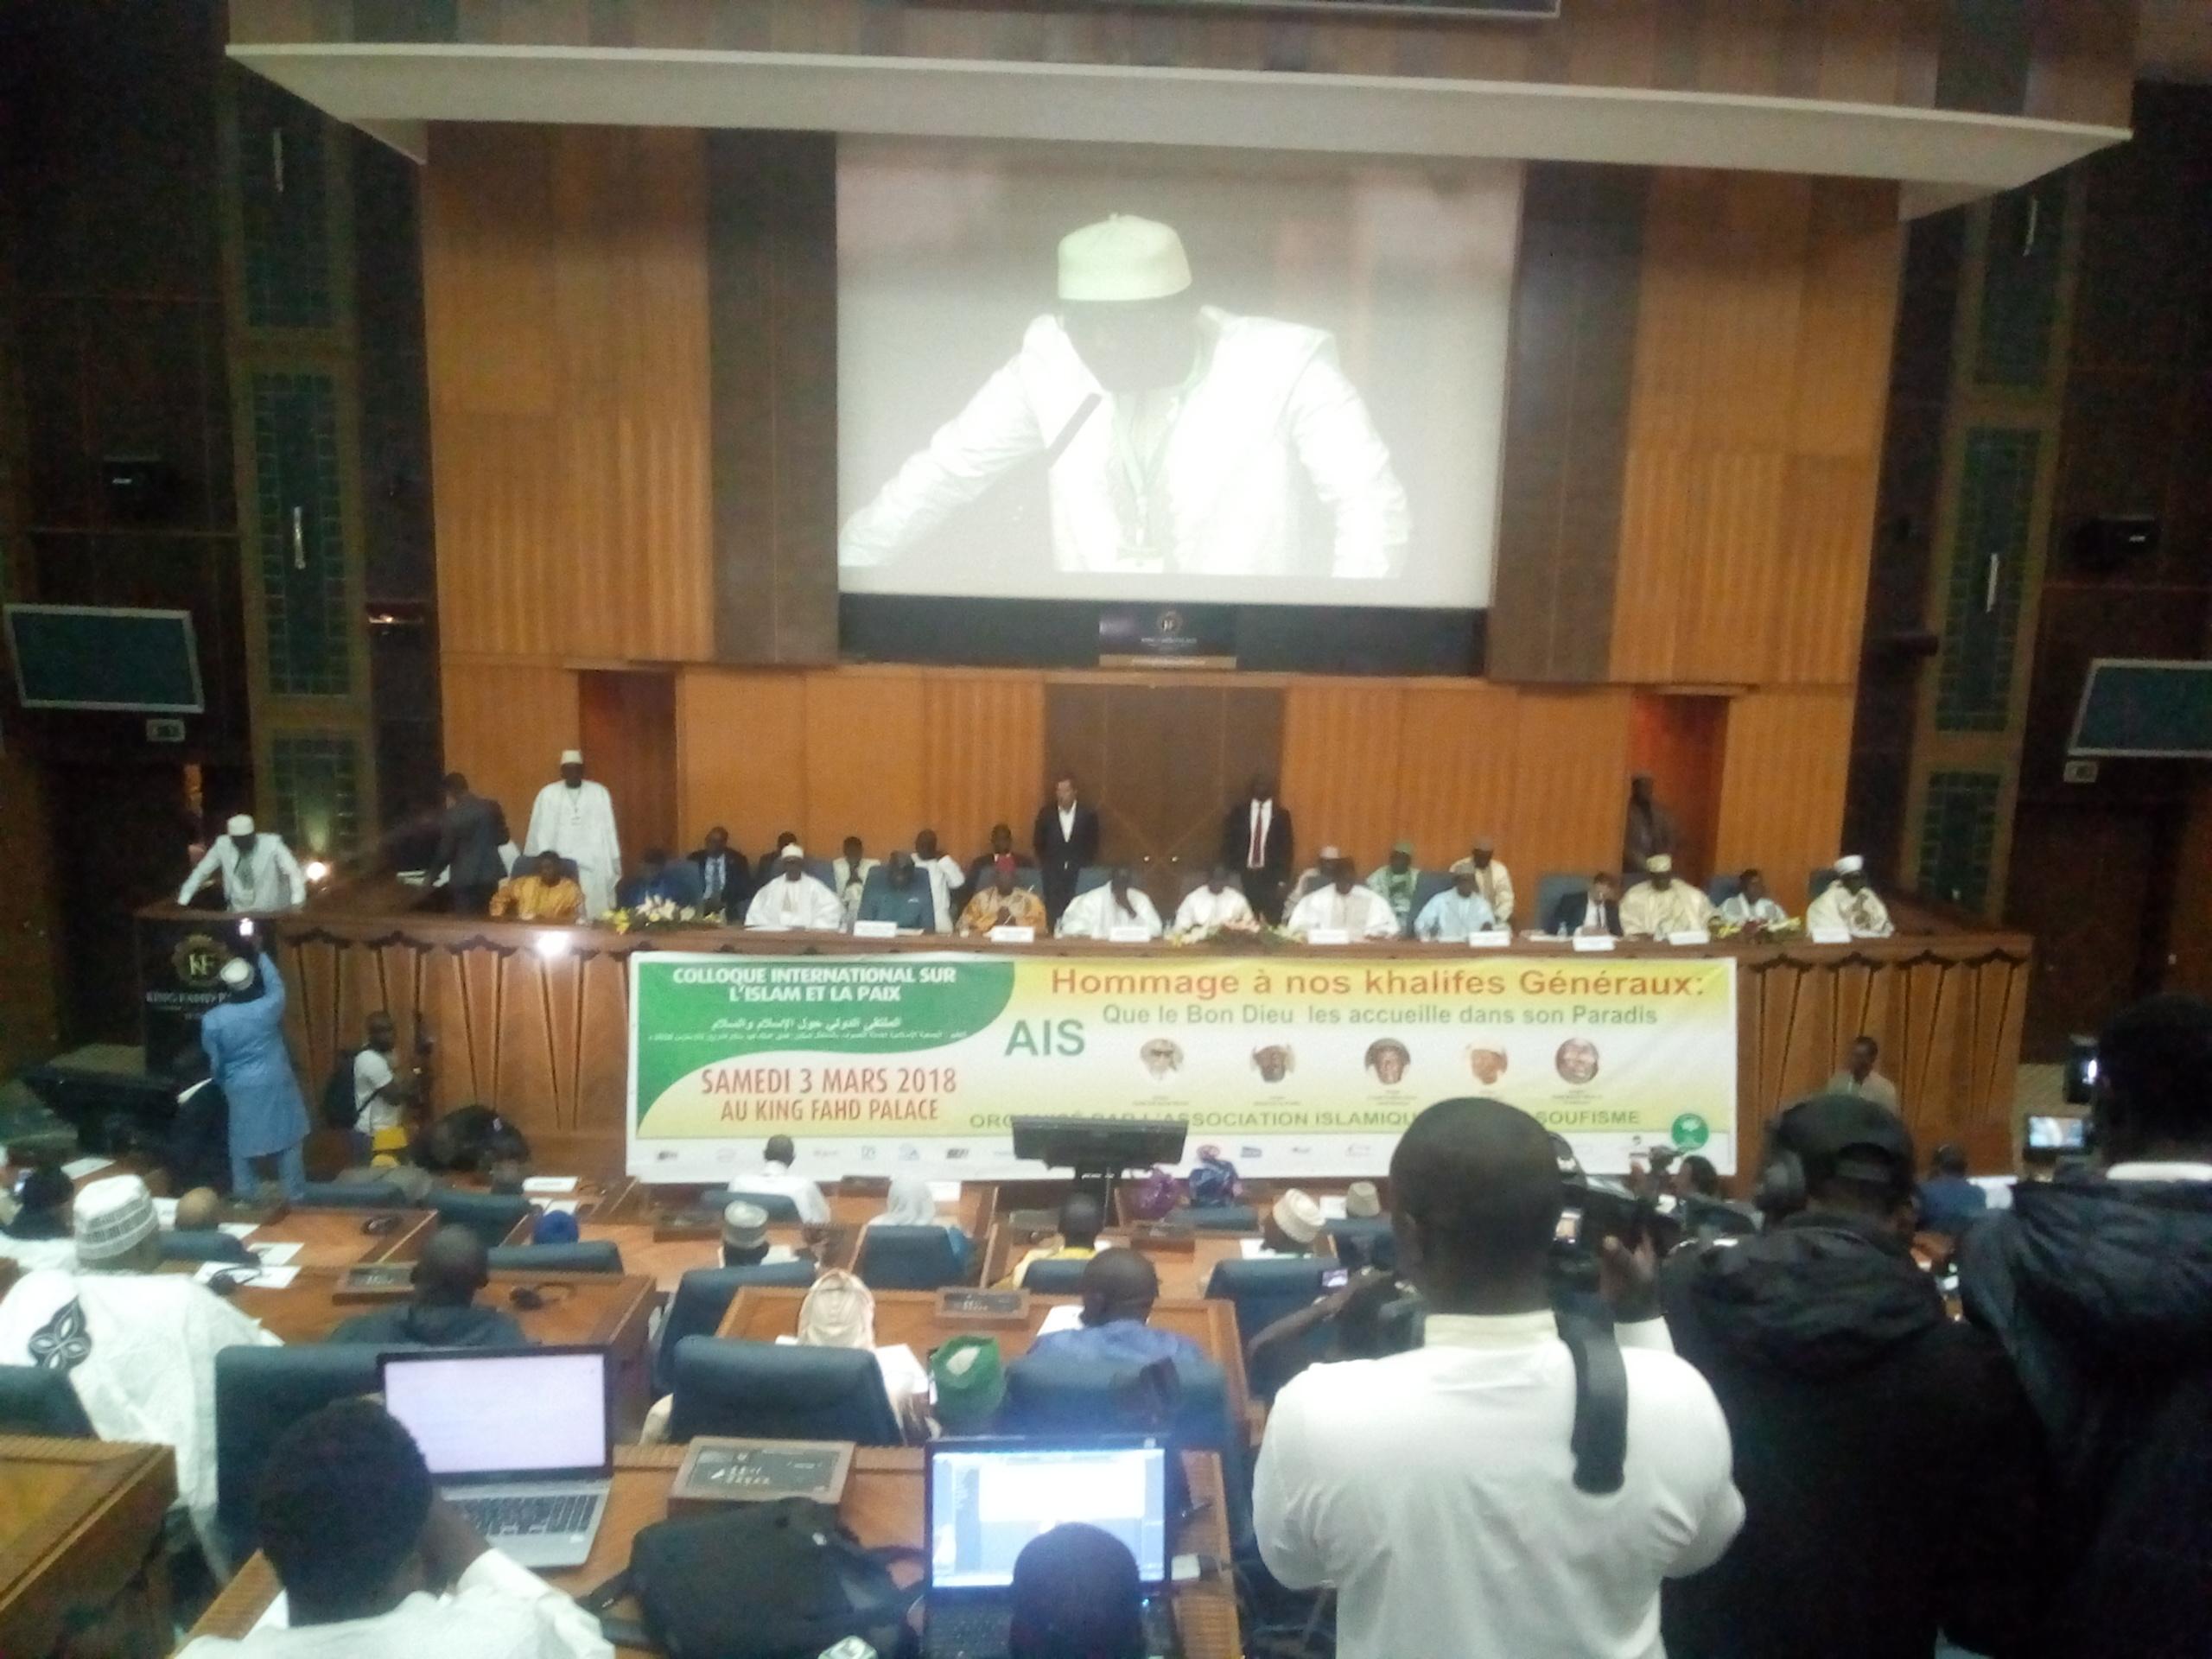 Ouverture à Dakar du colloque de l'Ais sur l'Islam et la Paix